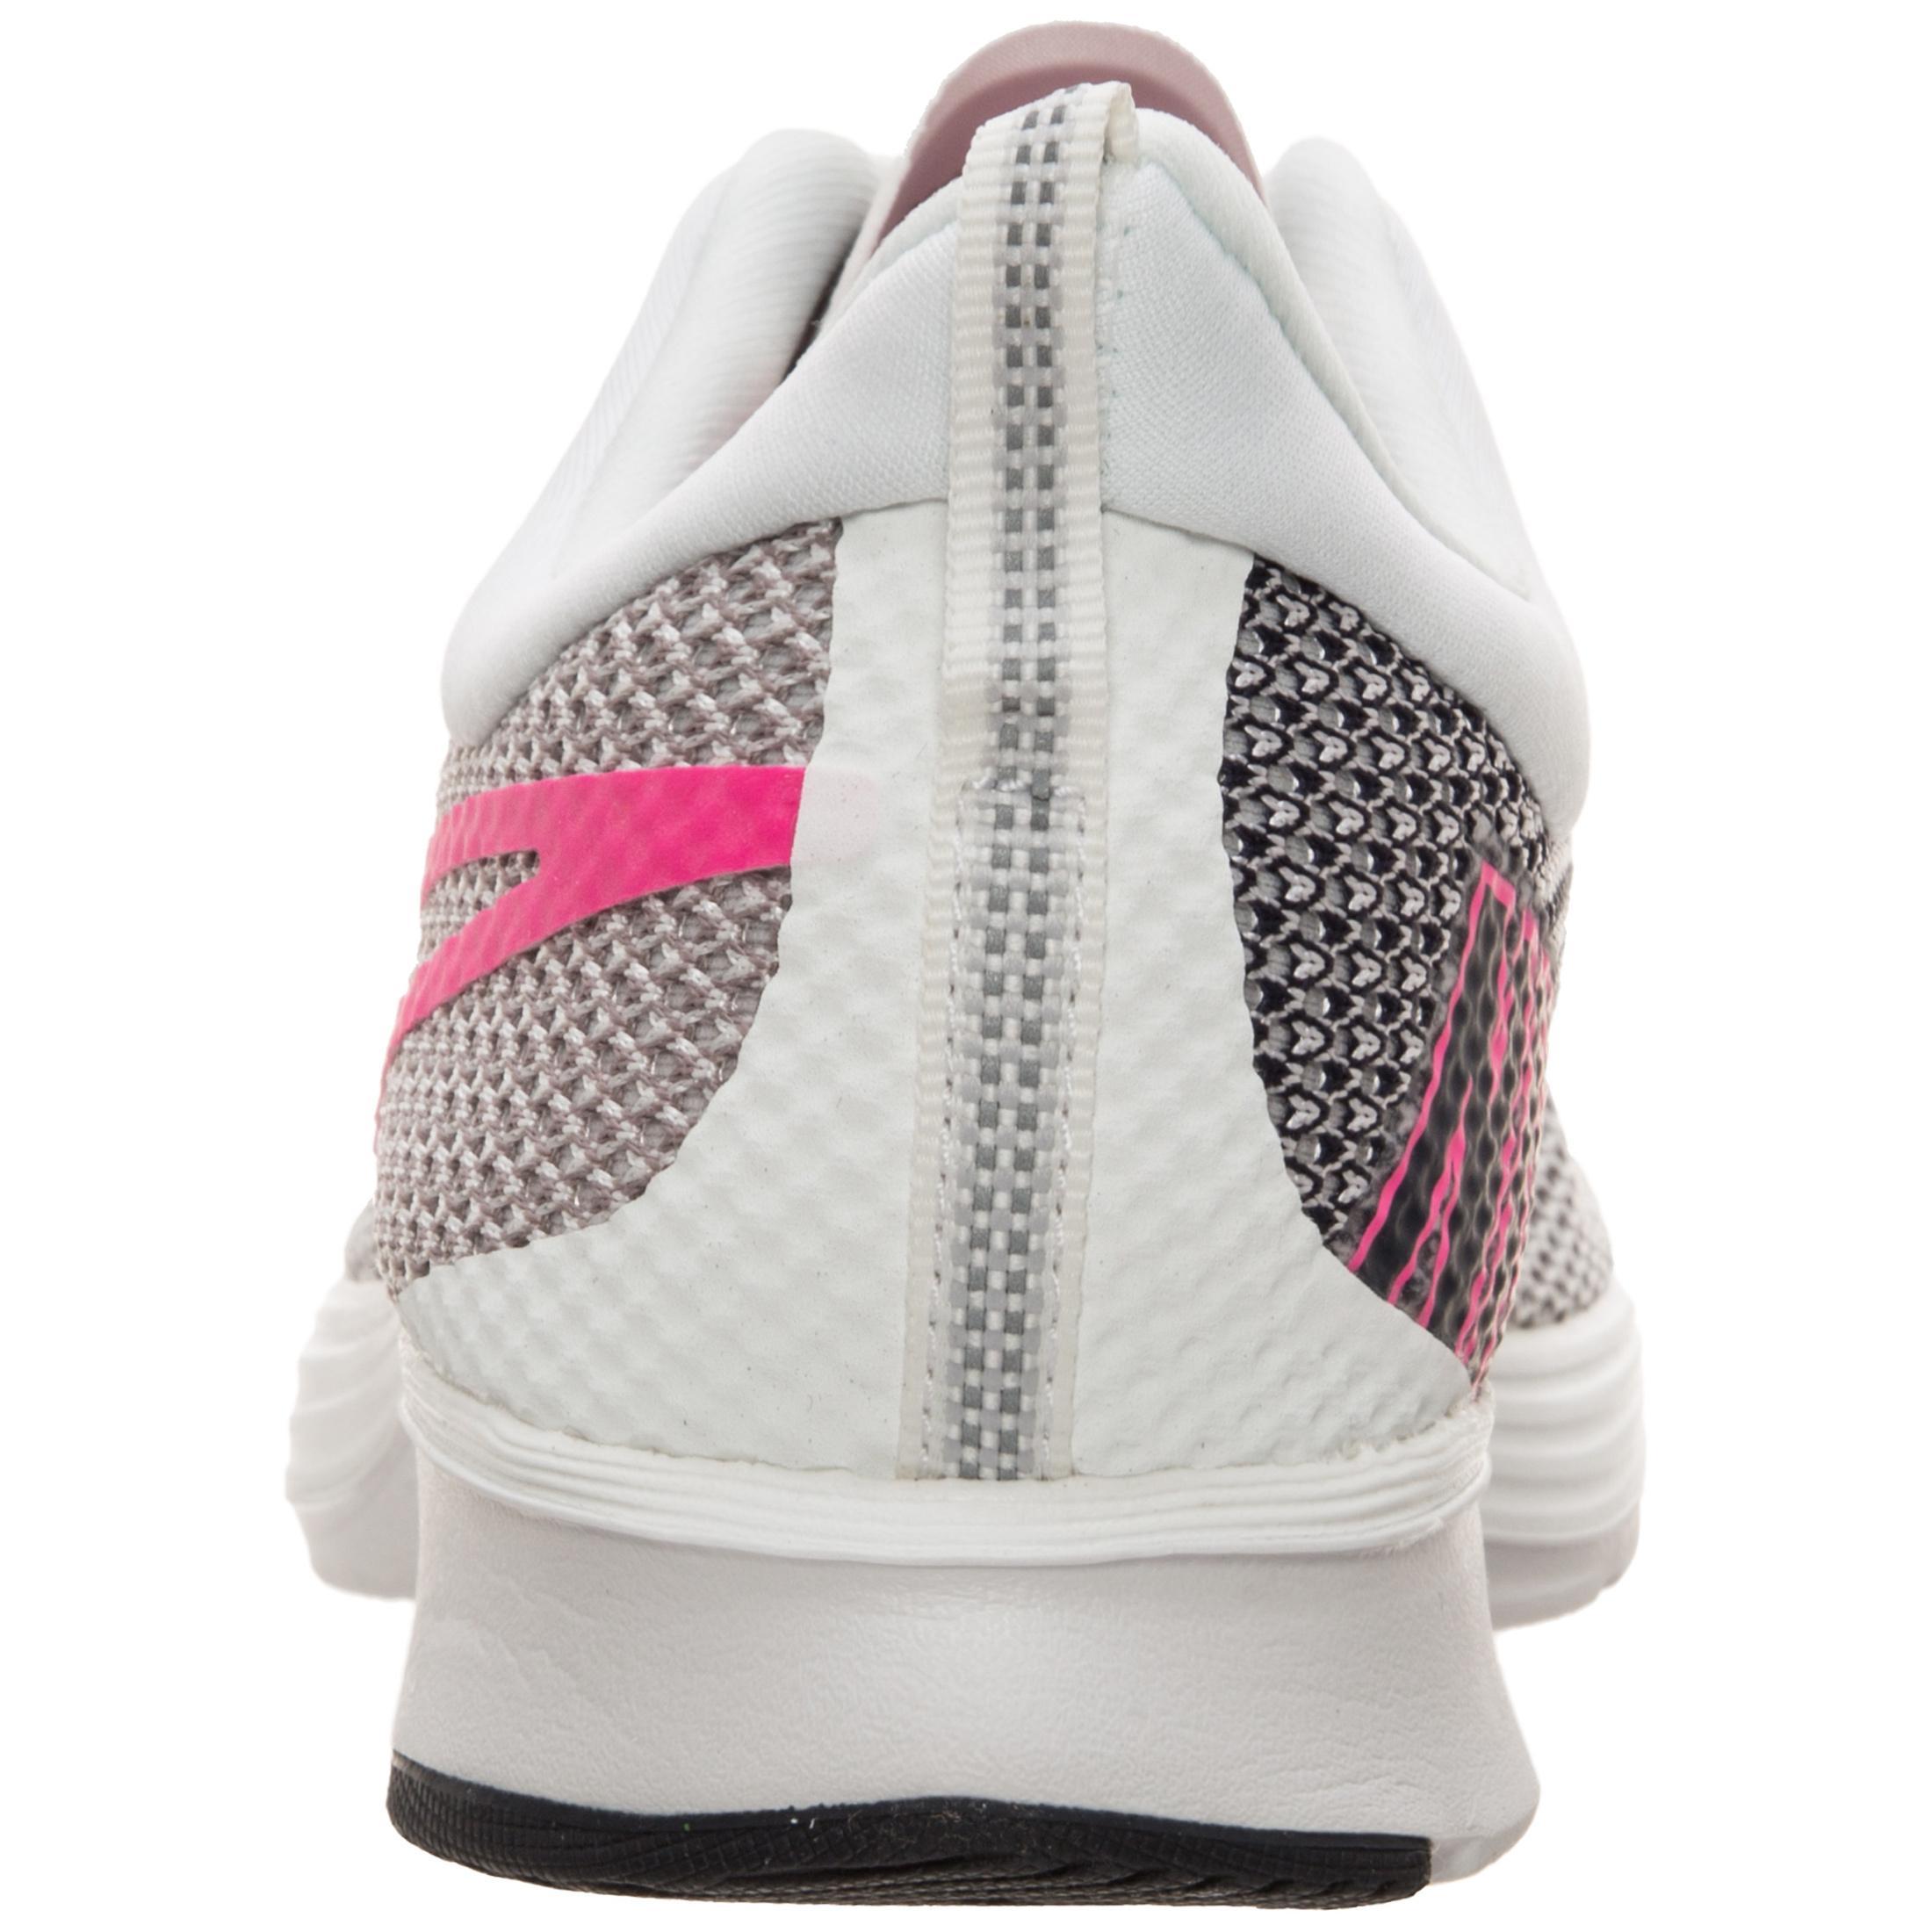 Nike Zoom Zoom Zoom Strike Laufschuhe Damen weiß   grau   Rosa im Online Shop von SportScheck kaufen Gute Qualität beliebte Schuhe 42e5d1